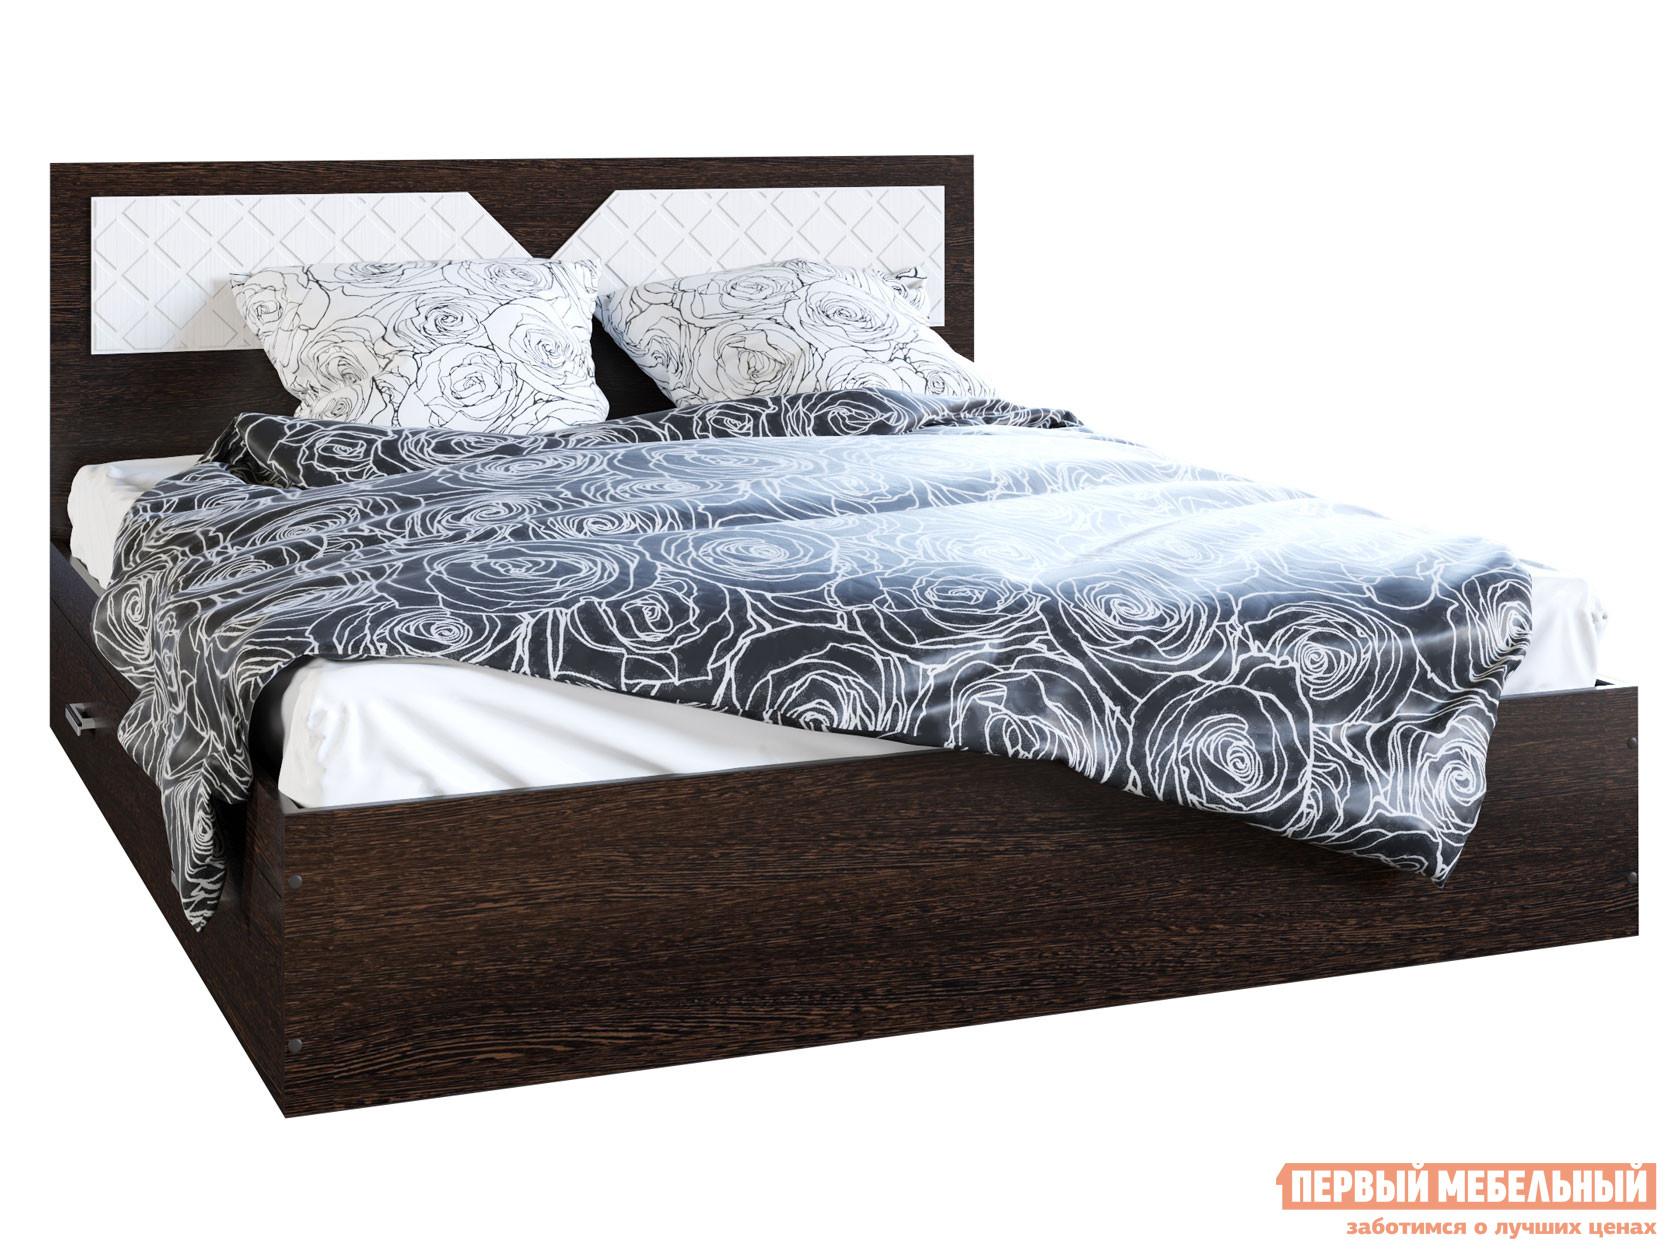 Двуспальная кровать  Кровать Вероника Венге / Лиственница светлая, 1600 Х 2000 мм — Кровать Вероника Венге / Лиственница светлая, 1600 Х 2000 мм